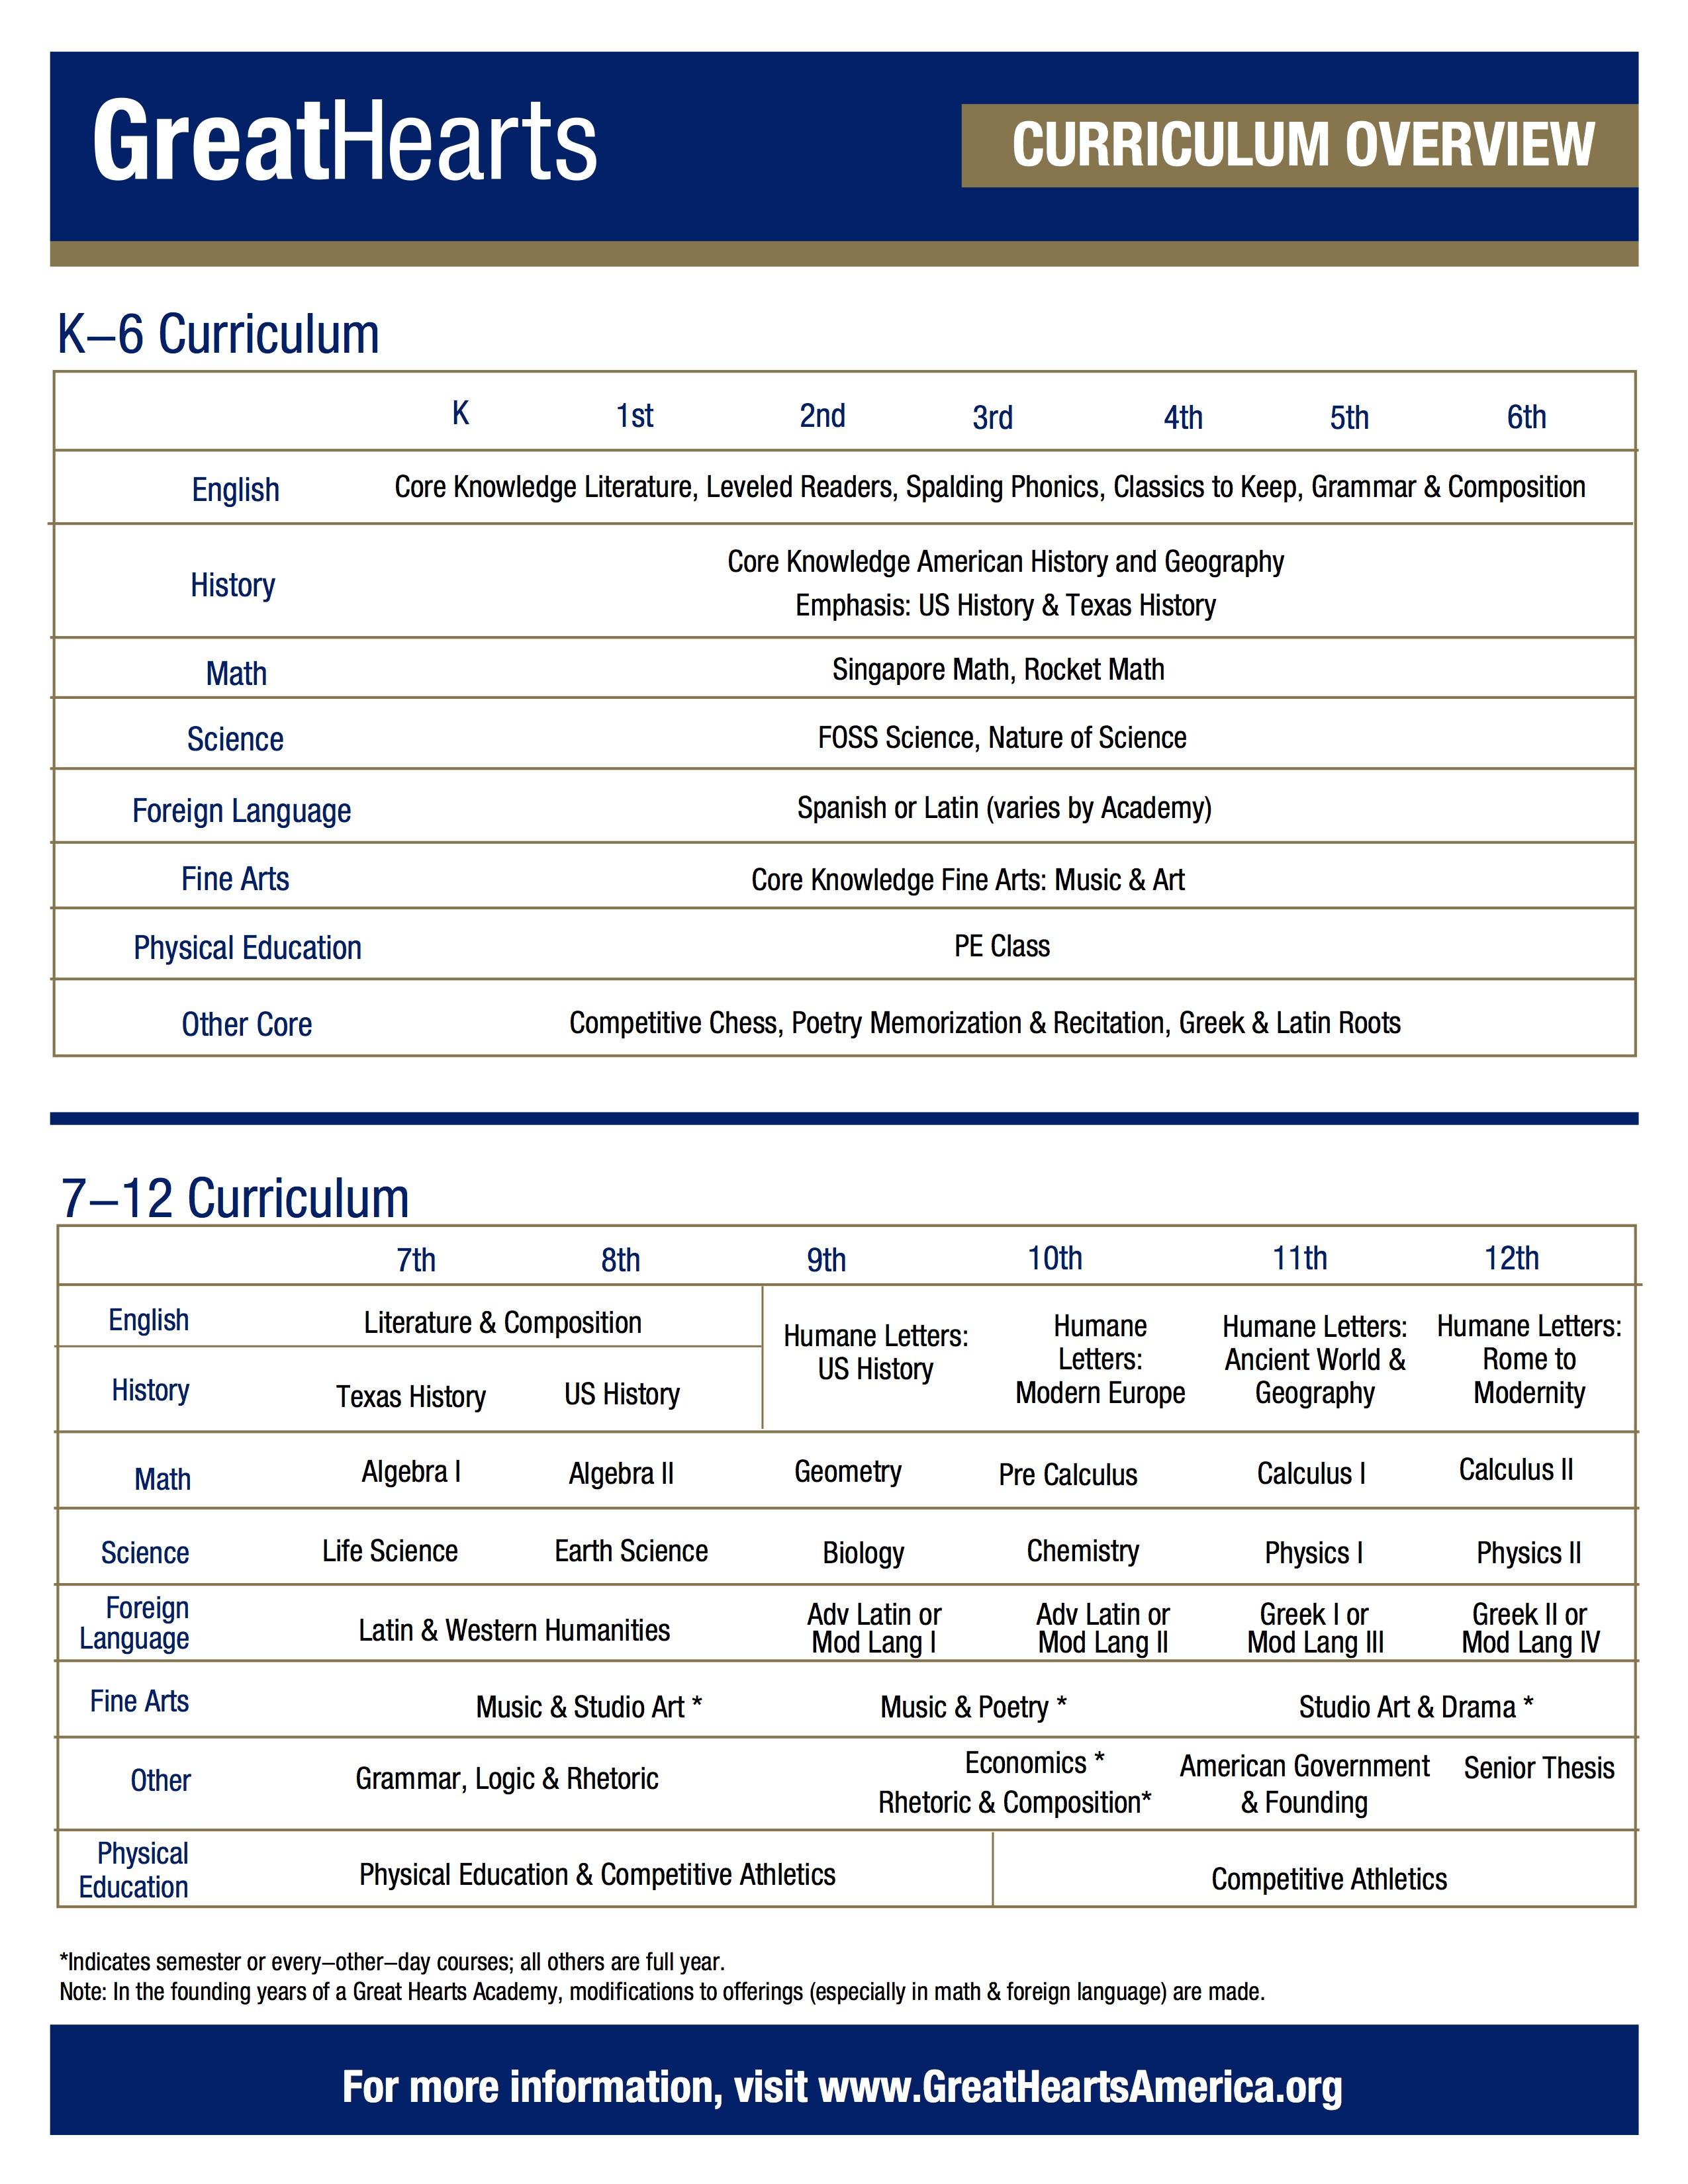 K-6 curriculum